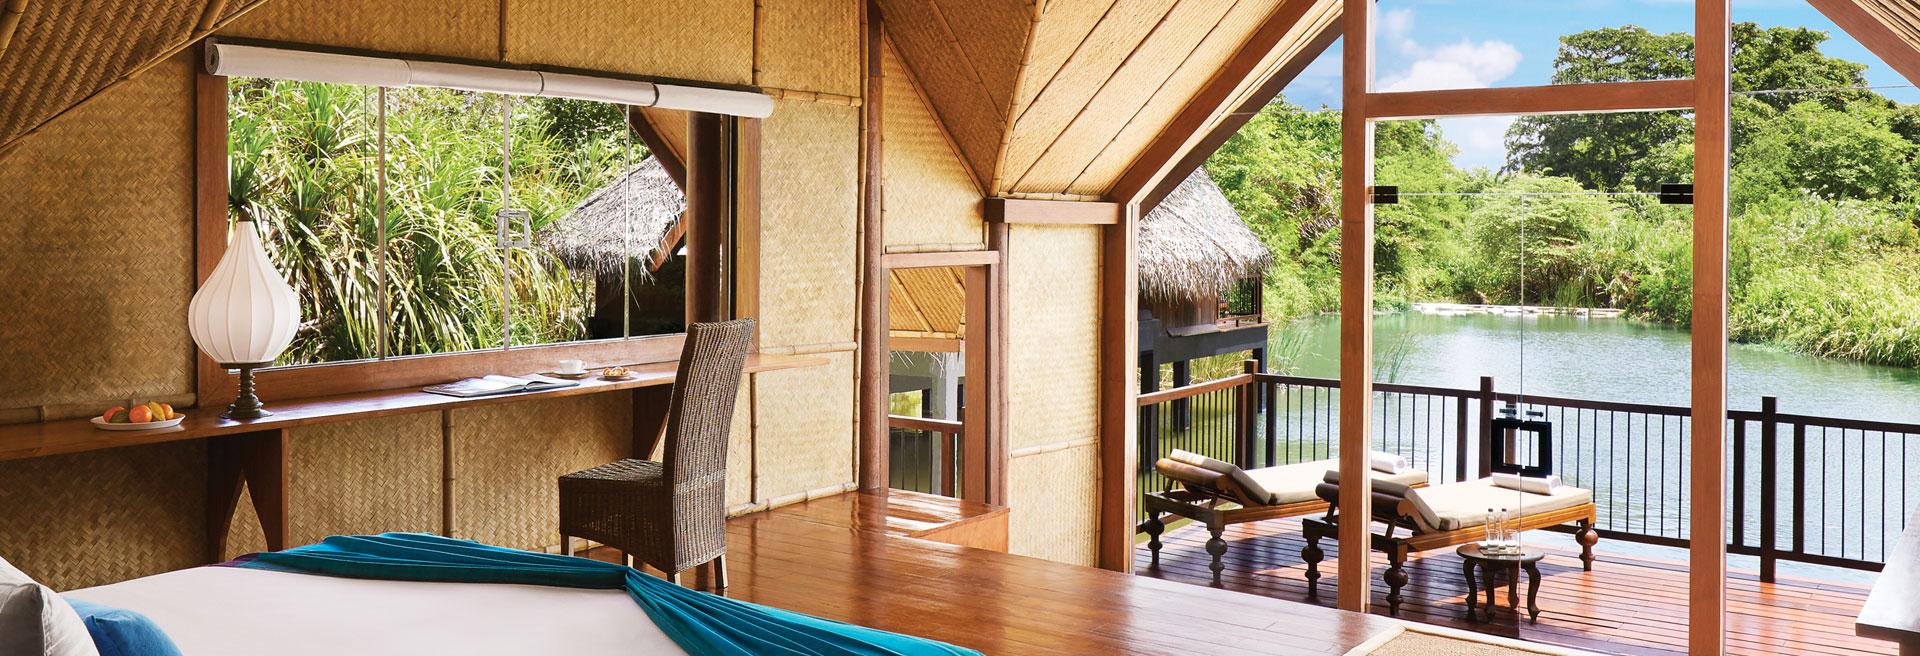 Hotels in Sigiriya